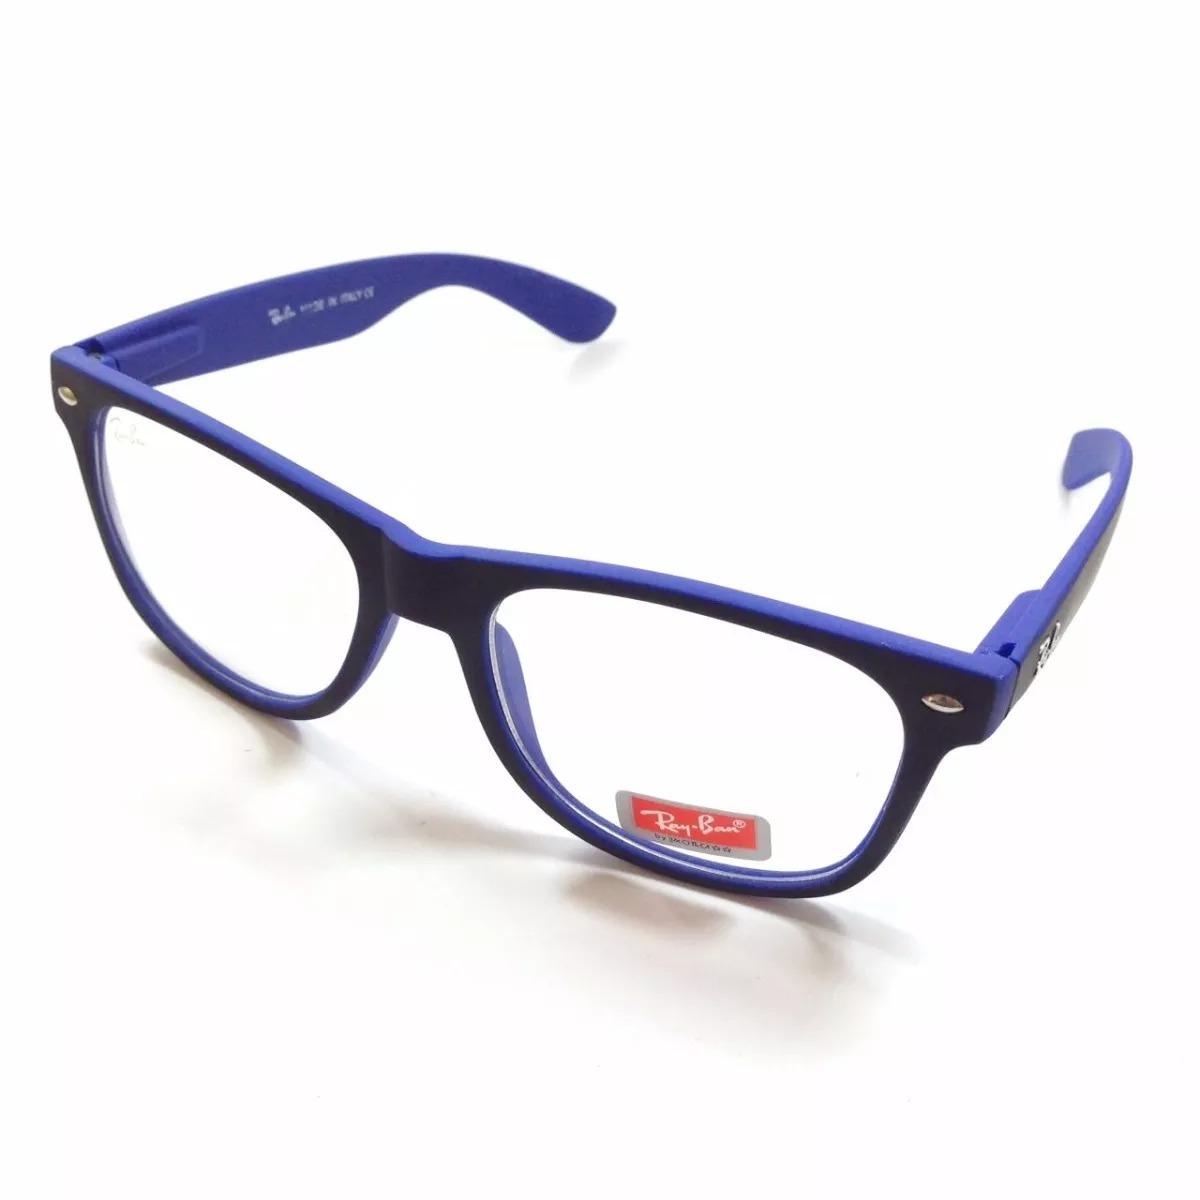 armação ray ban óculos de grau quadrado unisexx promoção. Carregando zoom. 8defa20b99